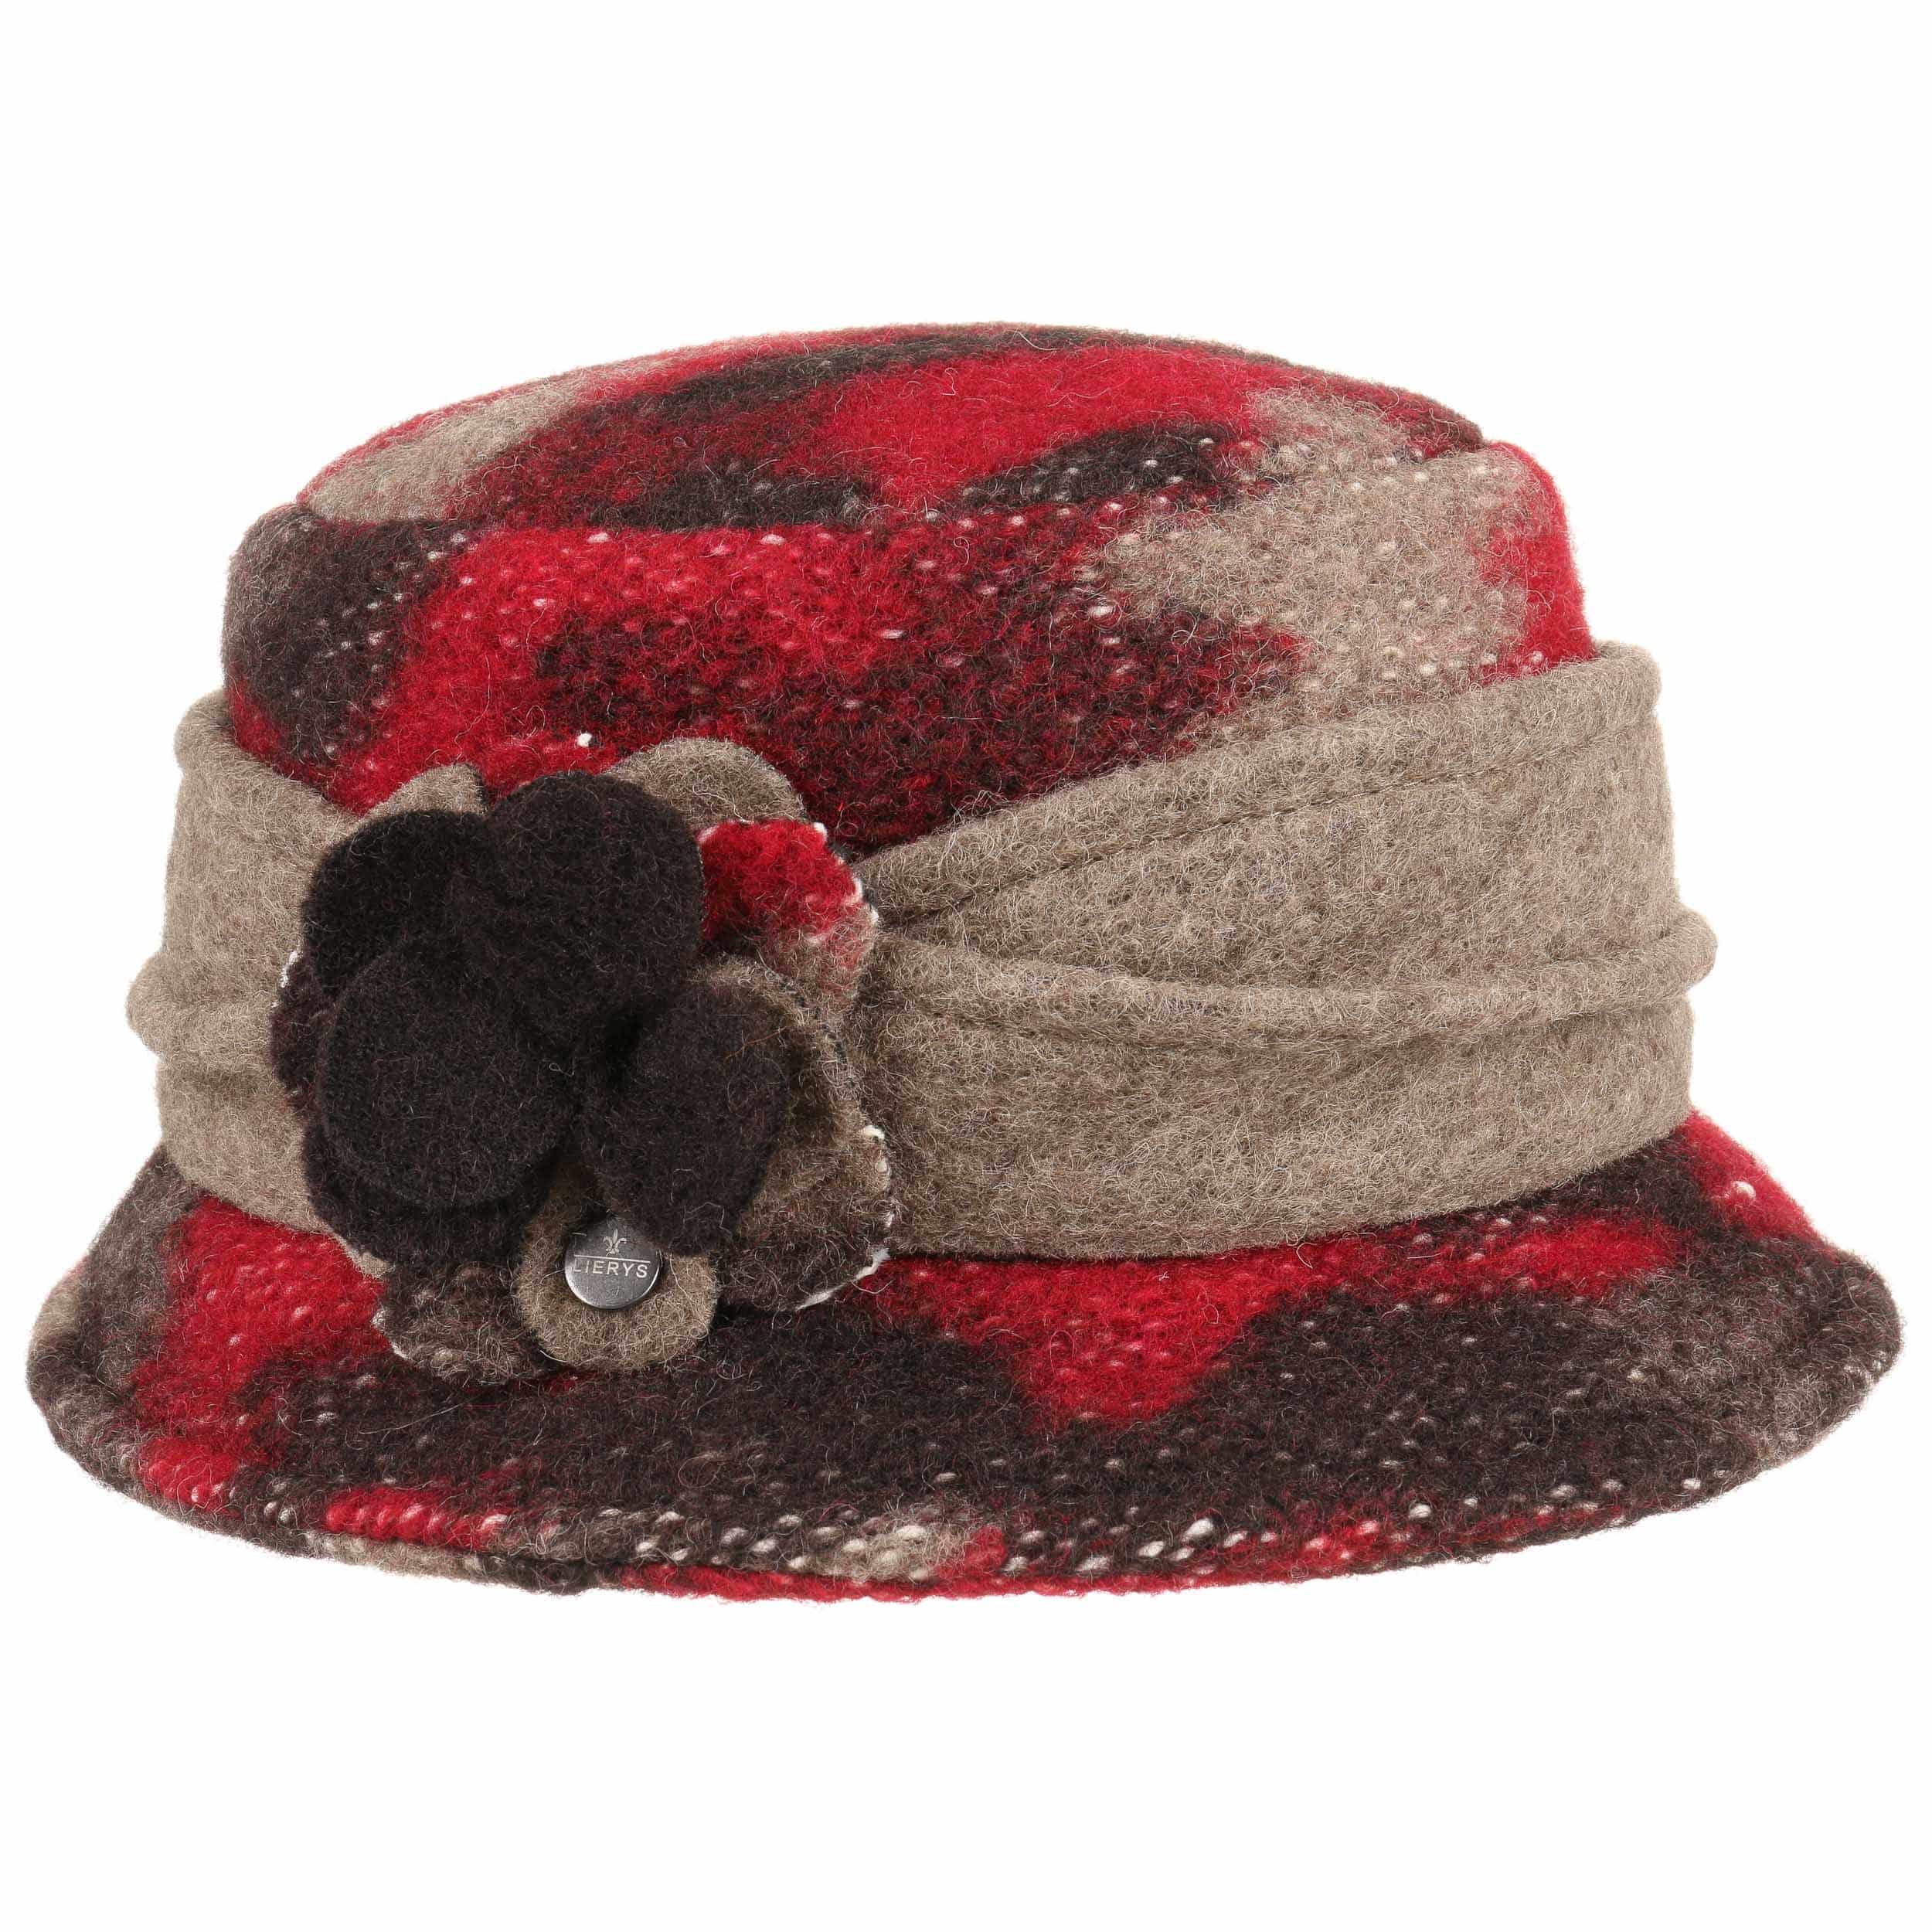 0374857db0d93 Sombrero de Lana Carina by Lierys - Sombreros - sombreroshop.es